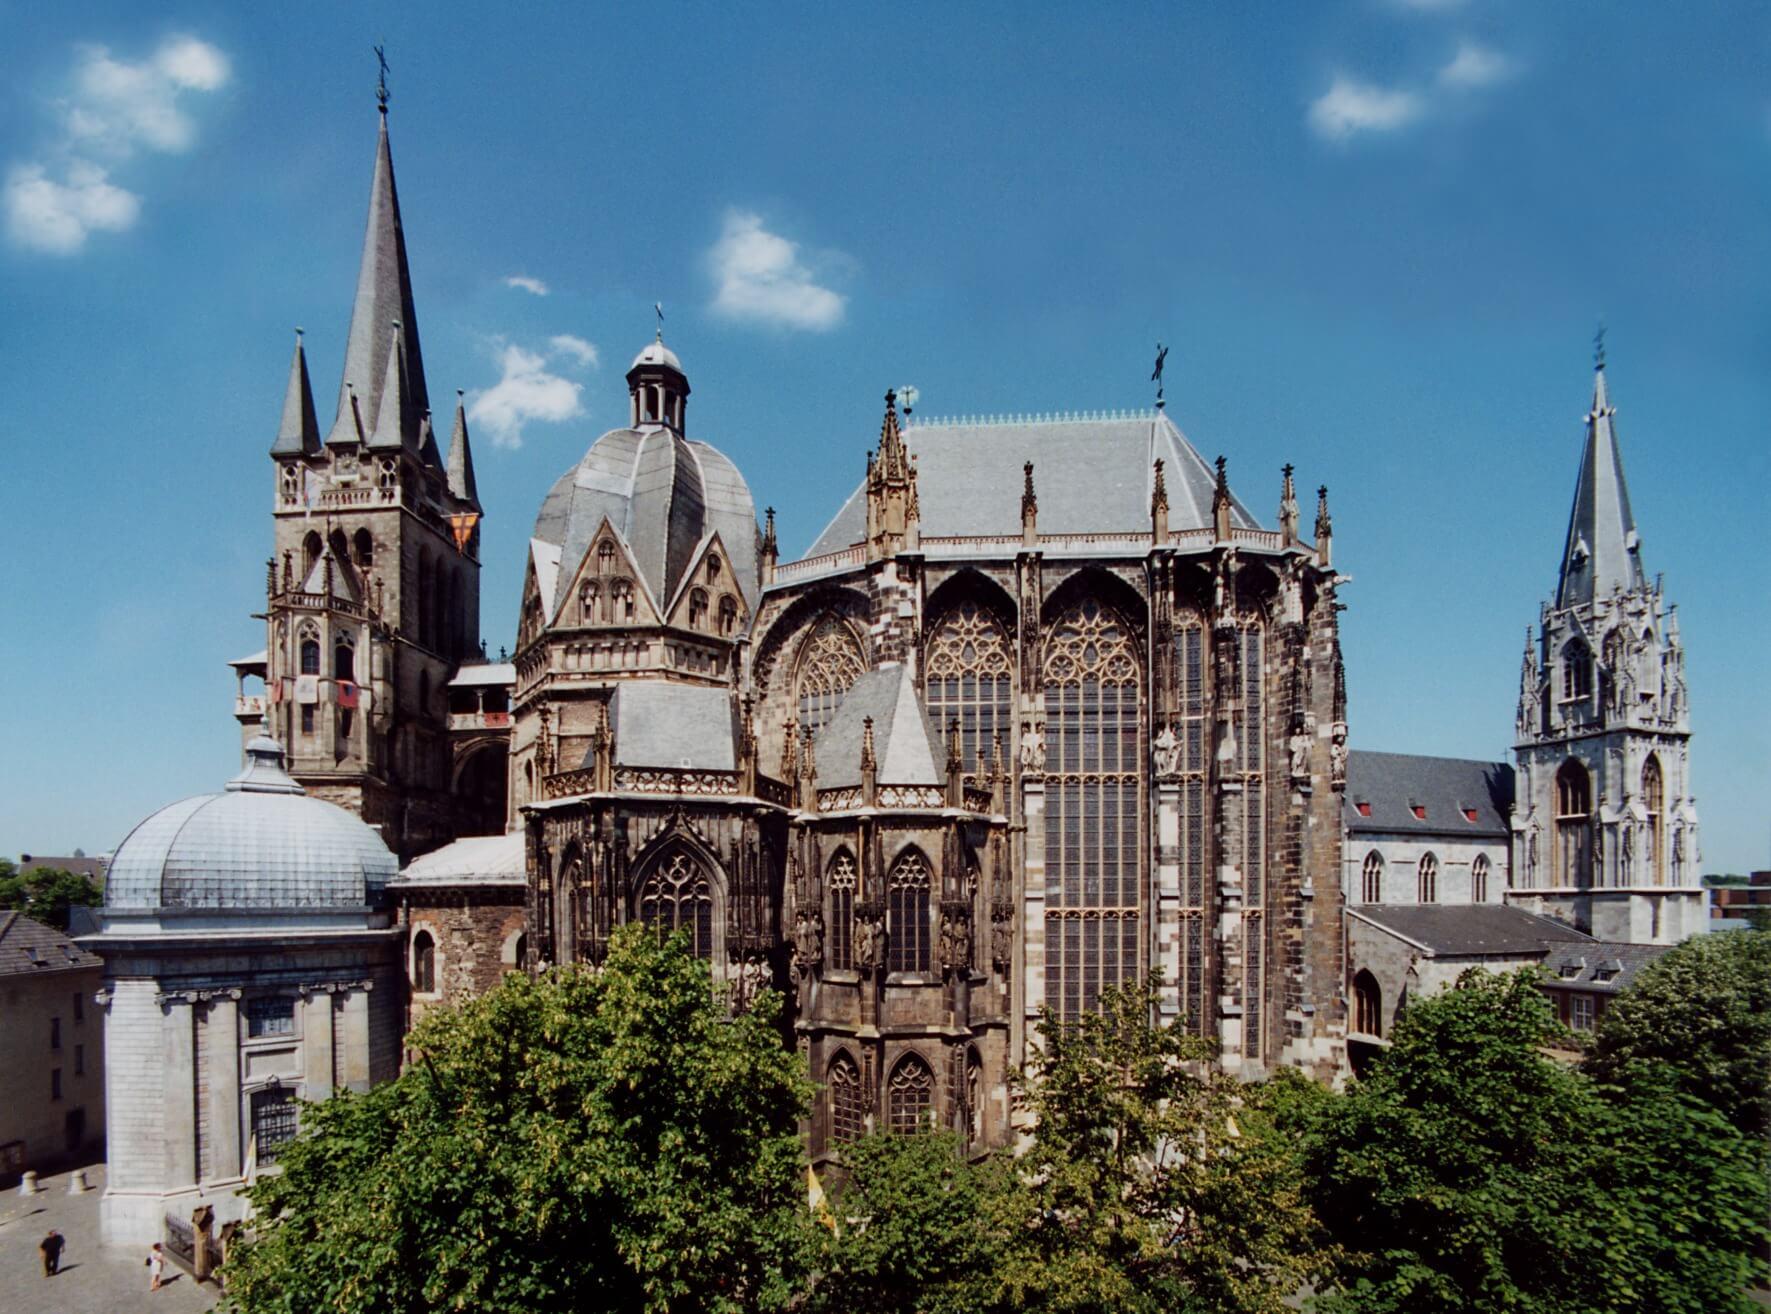 アーヘン大聖堂の画像 p1_38